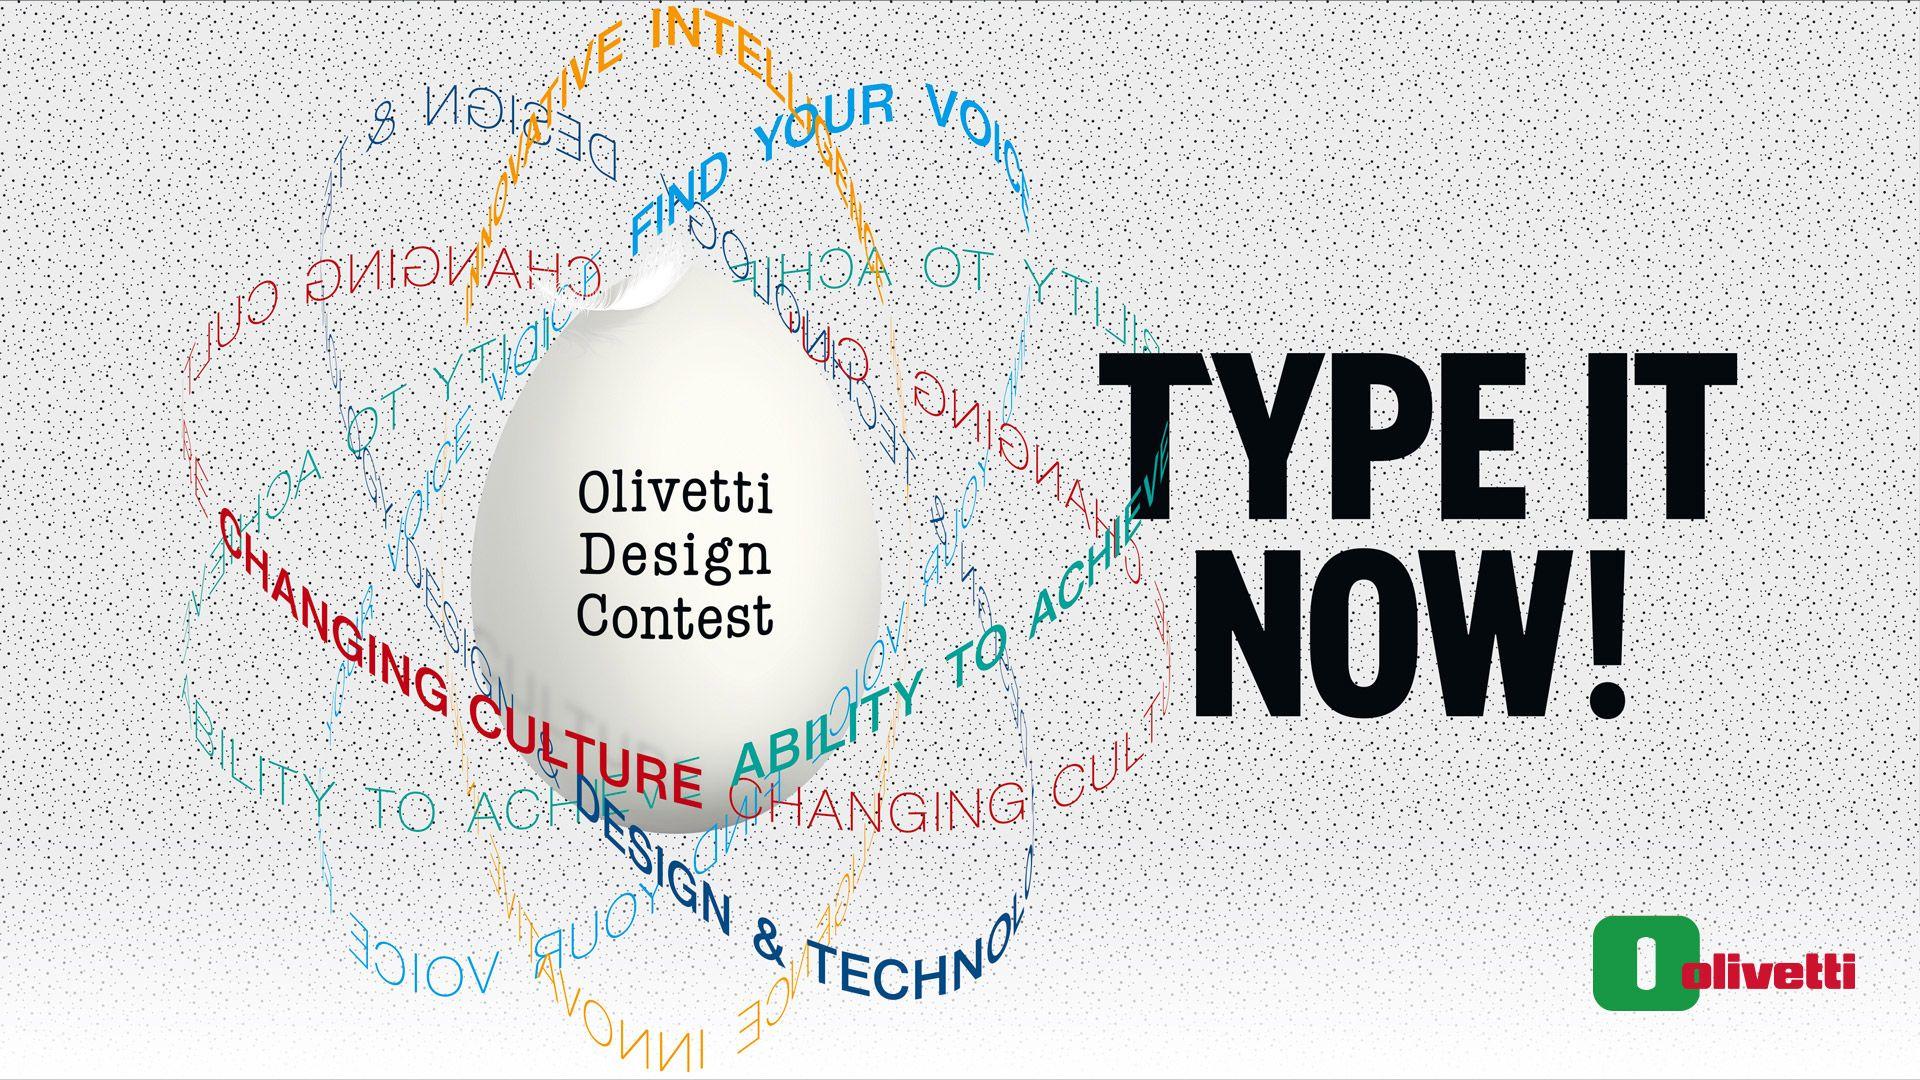 IVREA - Studenti da tutto il mondo per l'Olivetti Design Contest 2020-2021: nascerà il font «Olivetti Type»